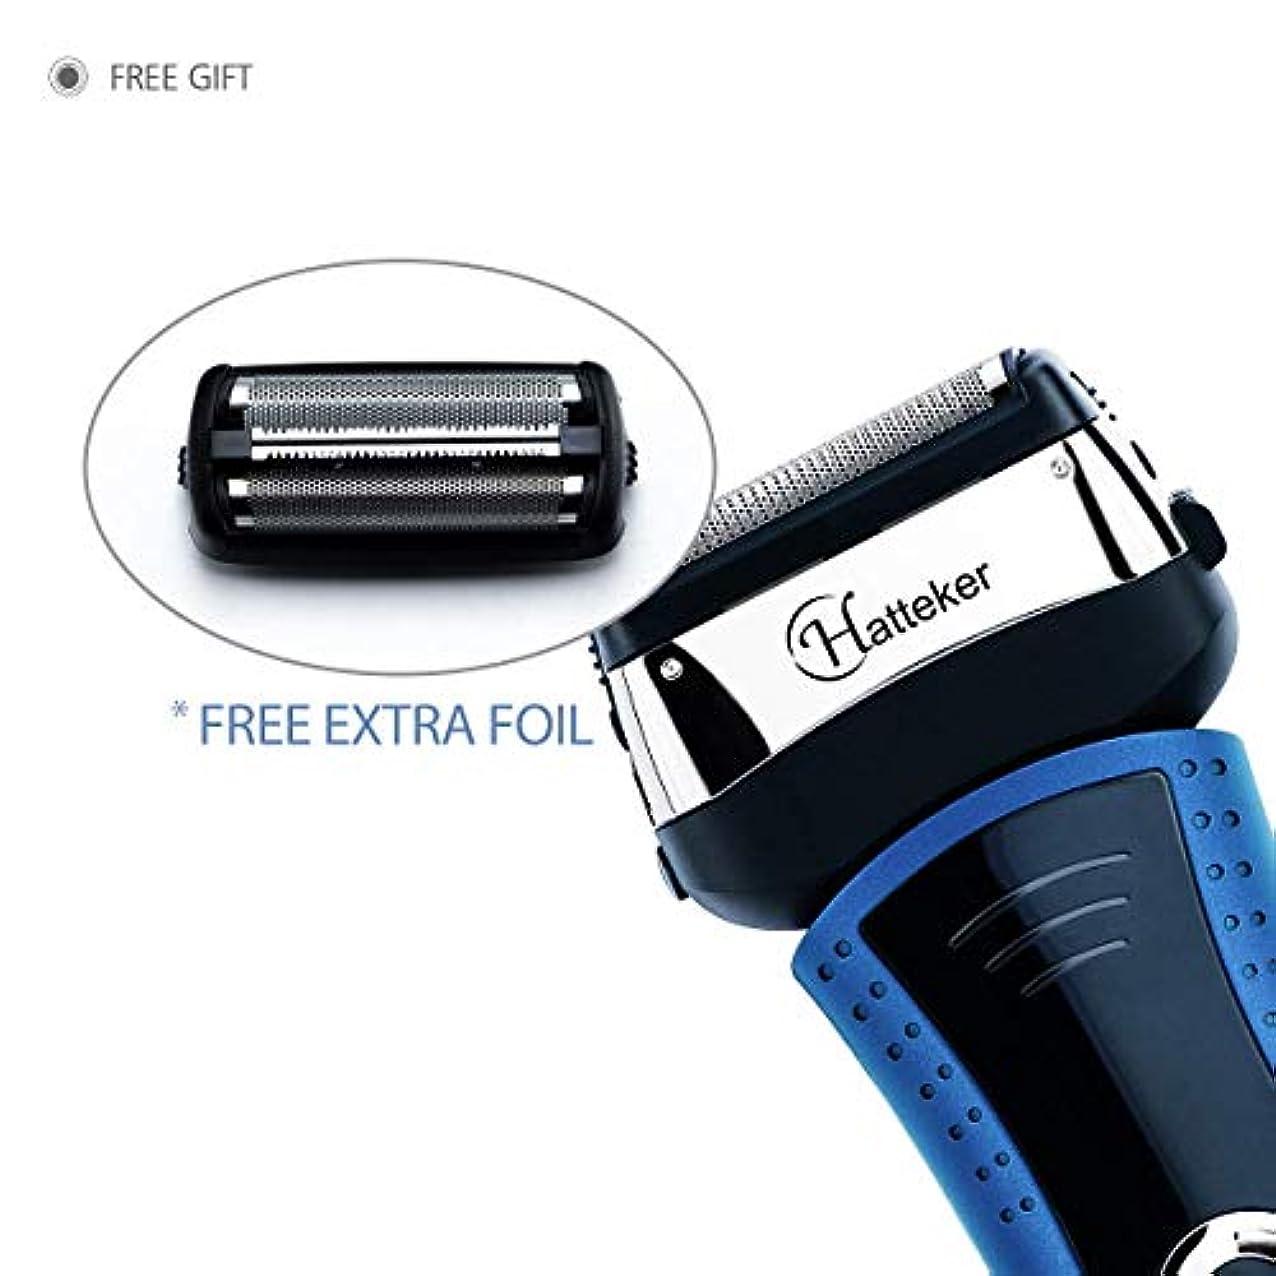 電気シェーバー メンズ DAMONING 回転式 ひげそり 4D浮動 自動研磨 IPX10防水 お風呂剃り 丸洗い可 LEDディスプレイ USB充電式 プレゼントに最適